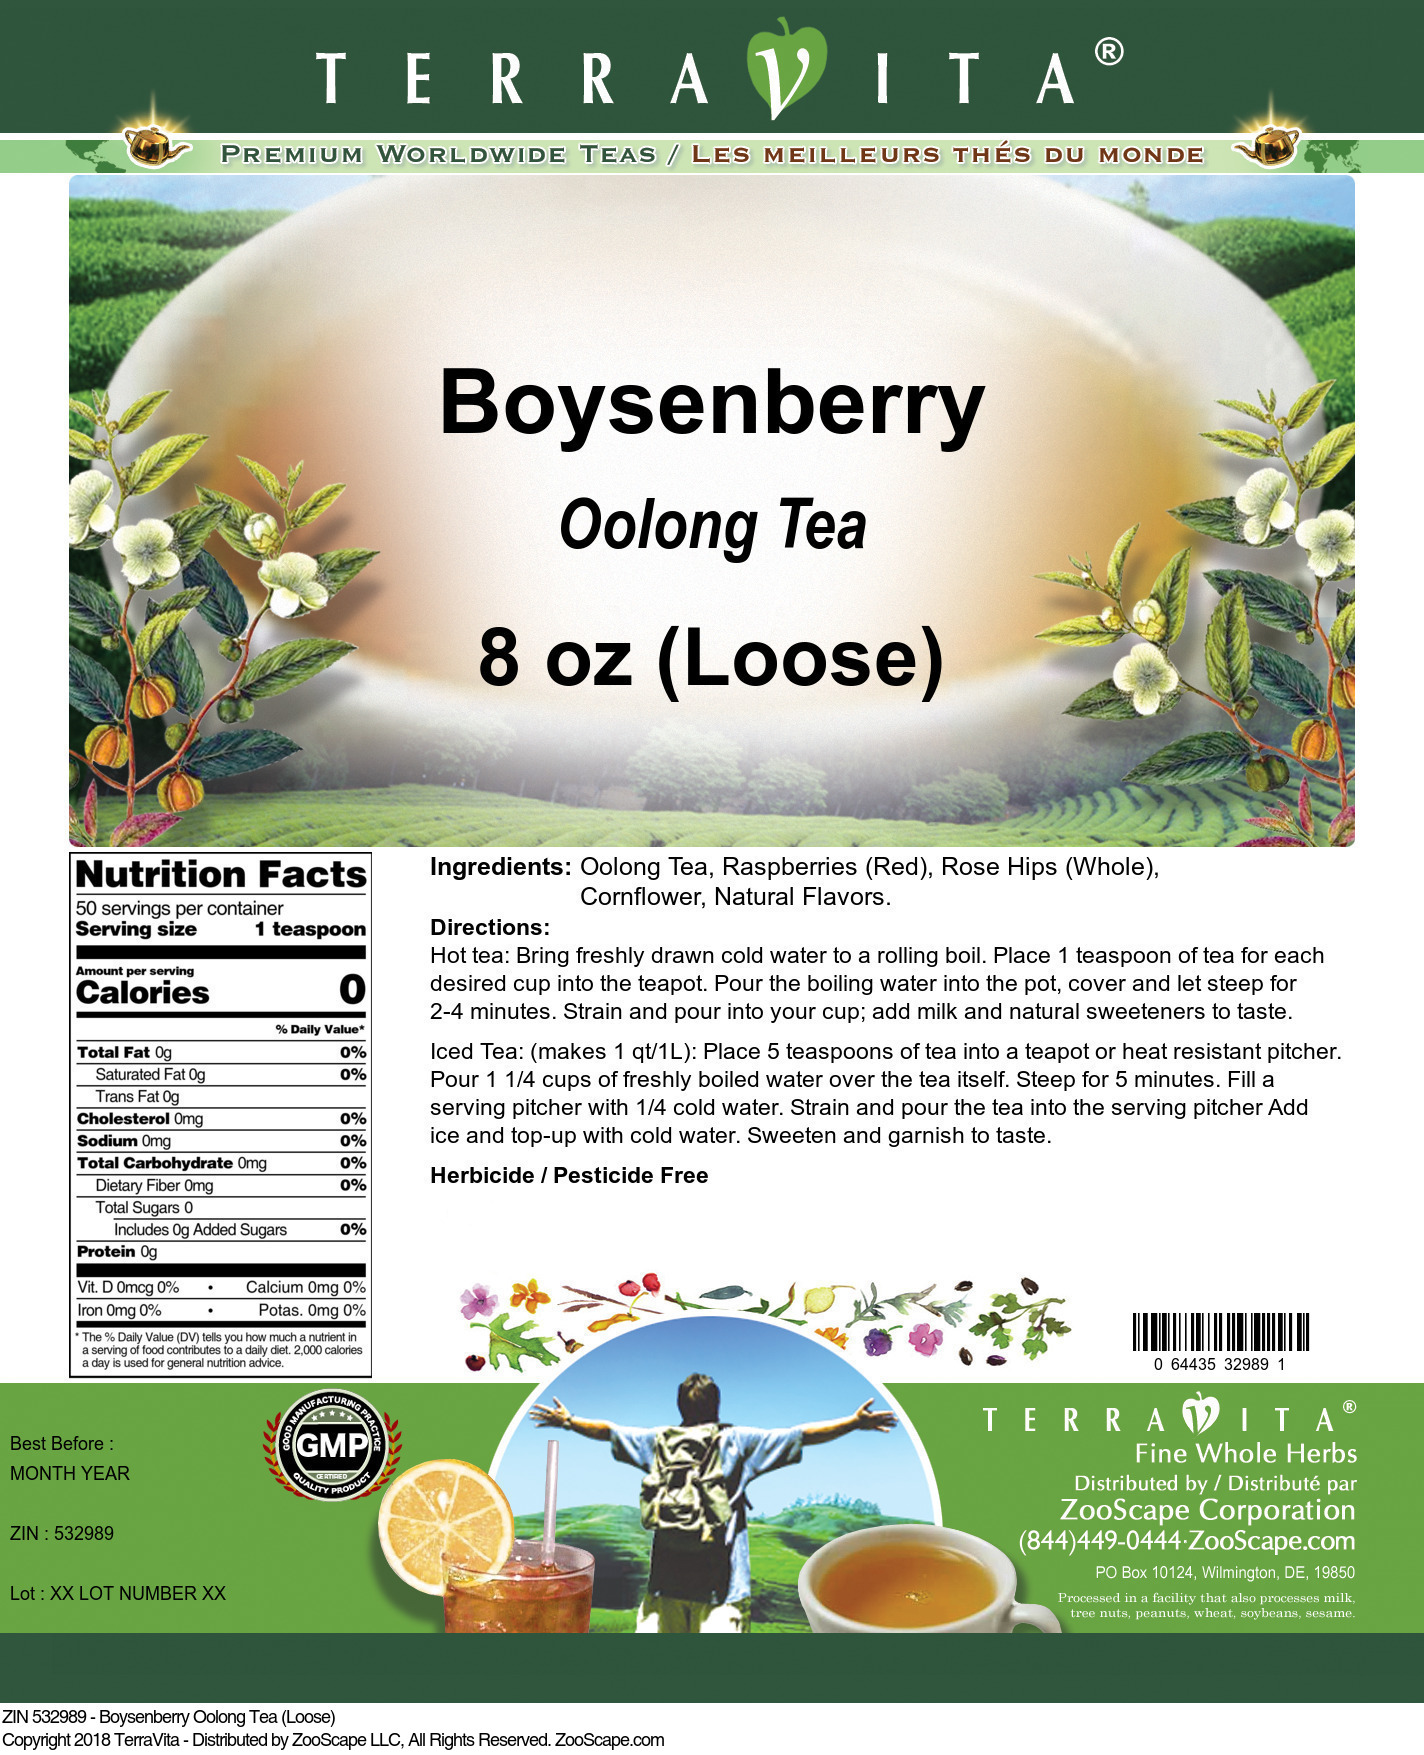 Boysenberry Oolong Tea (Loose)